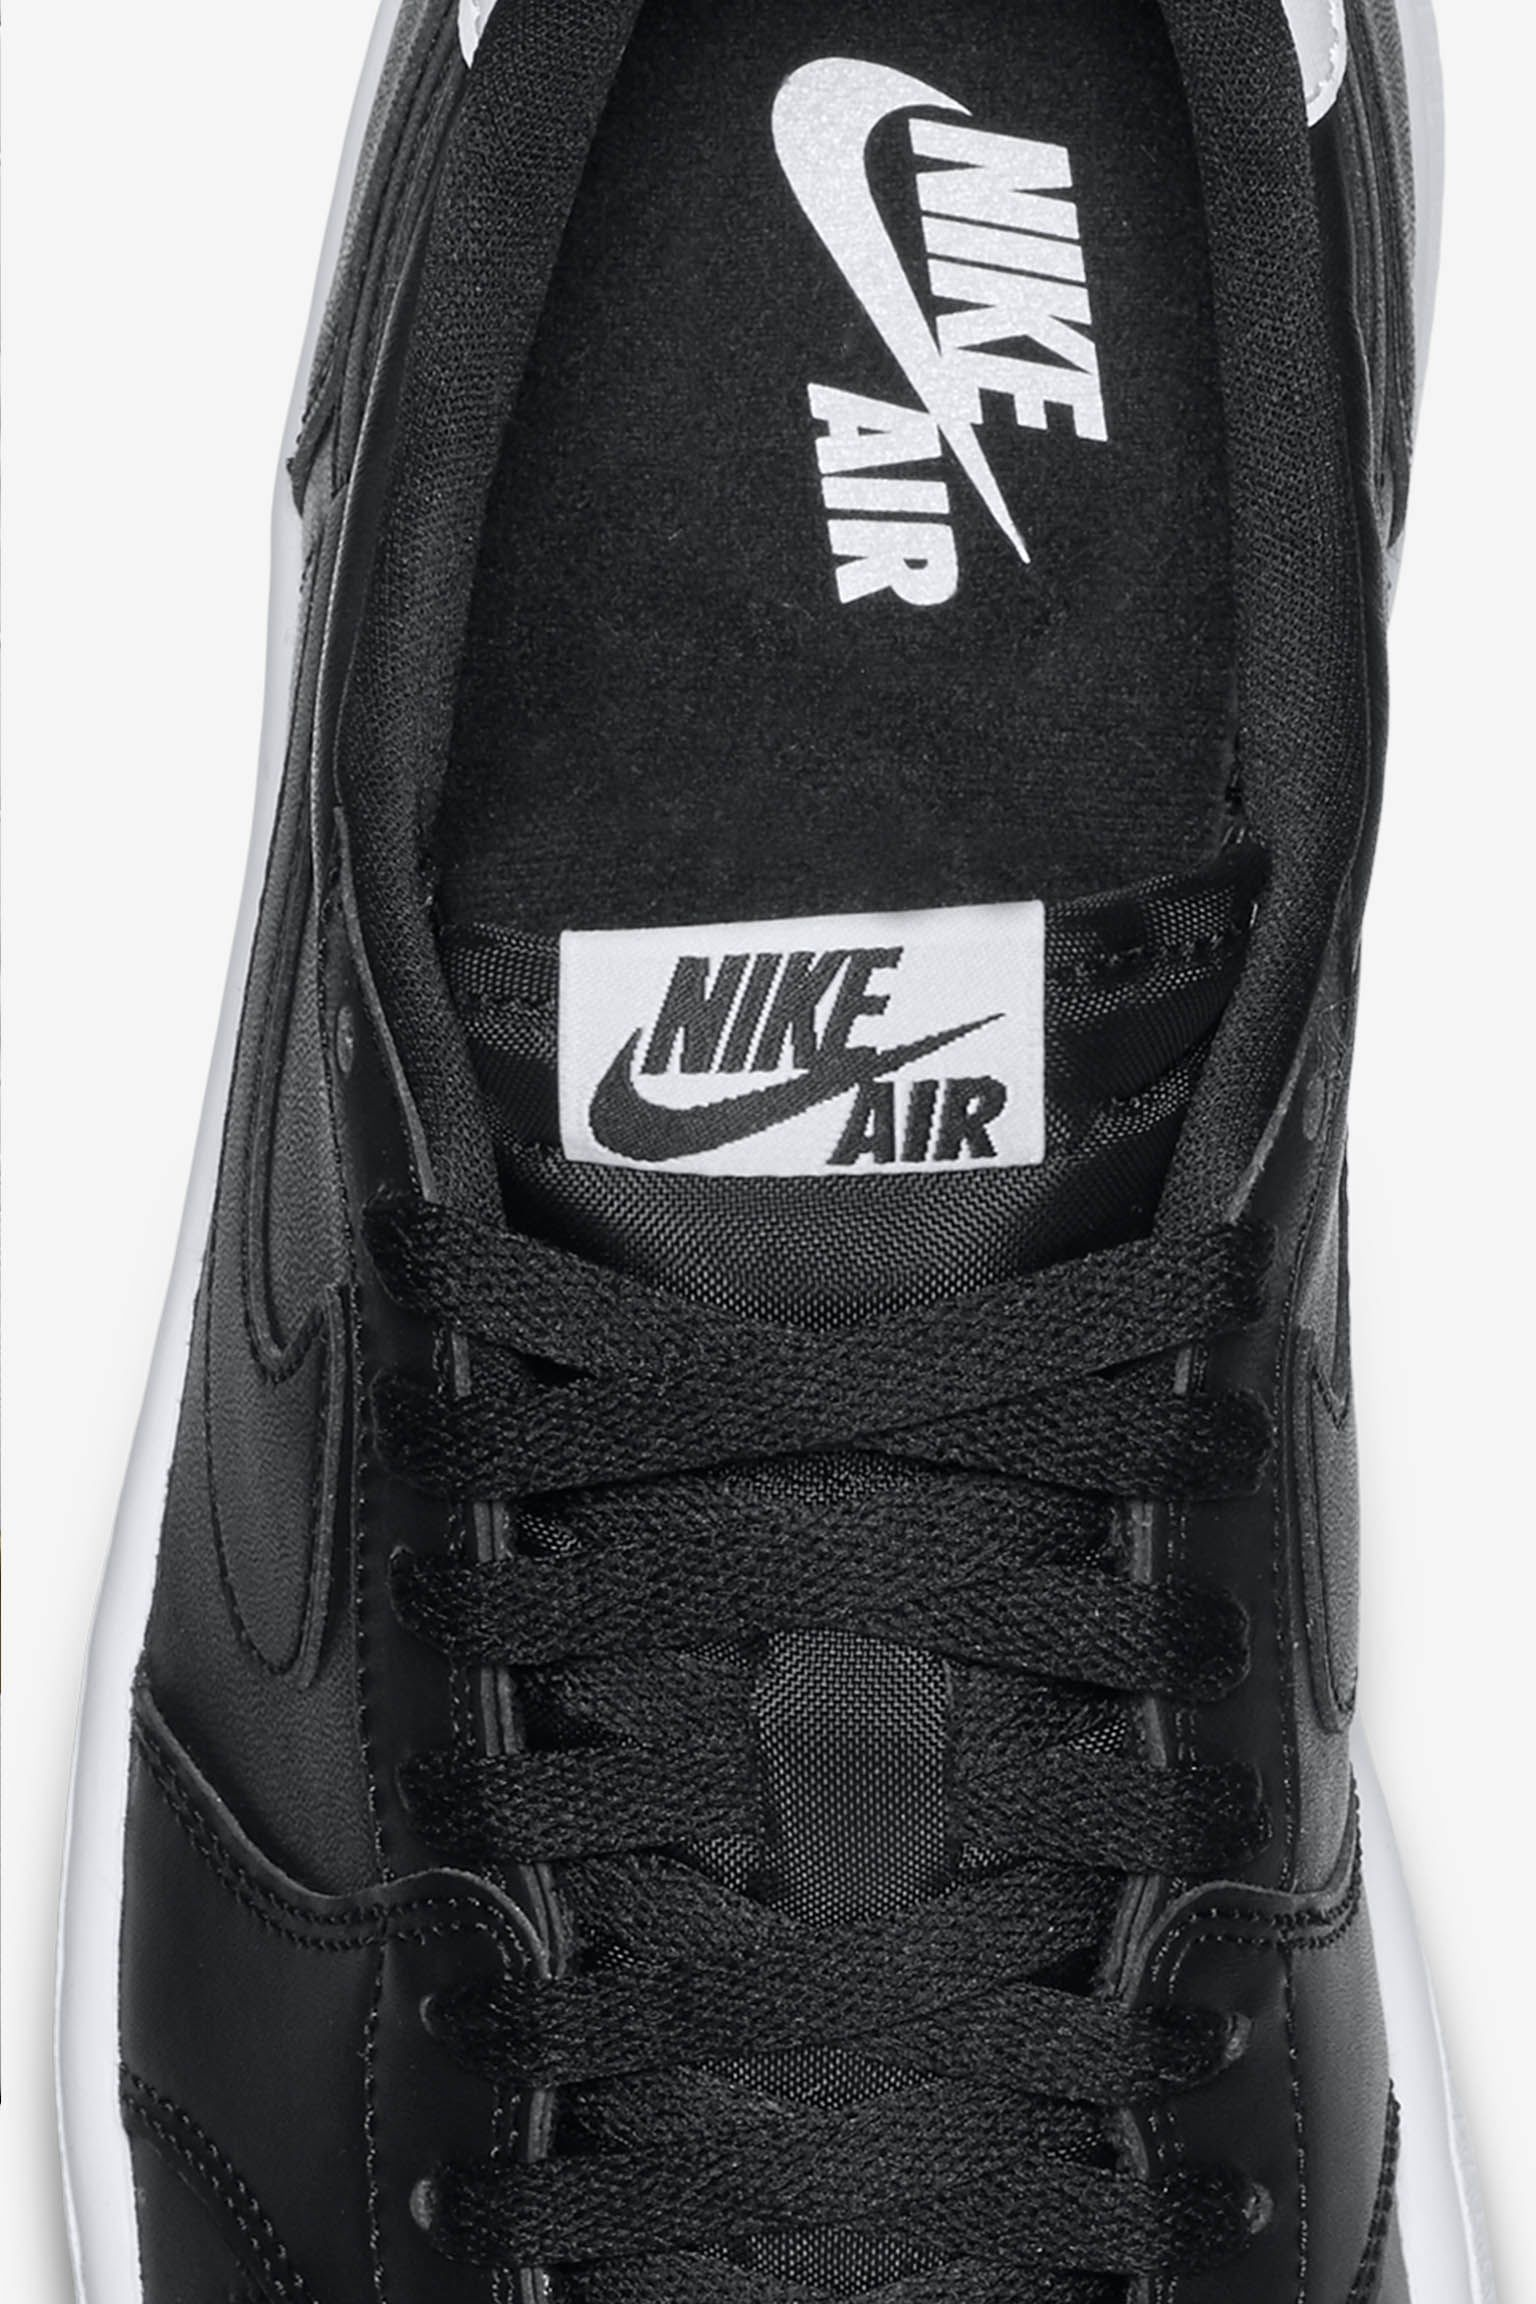 Air Jordan 1 Retro Low OG 'Black & White' Release Date